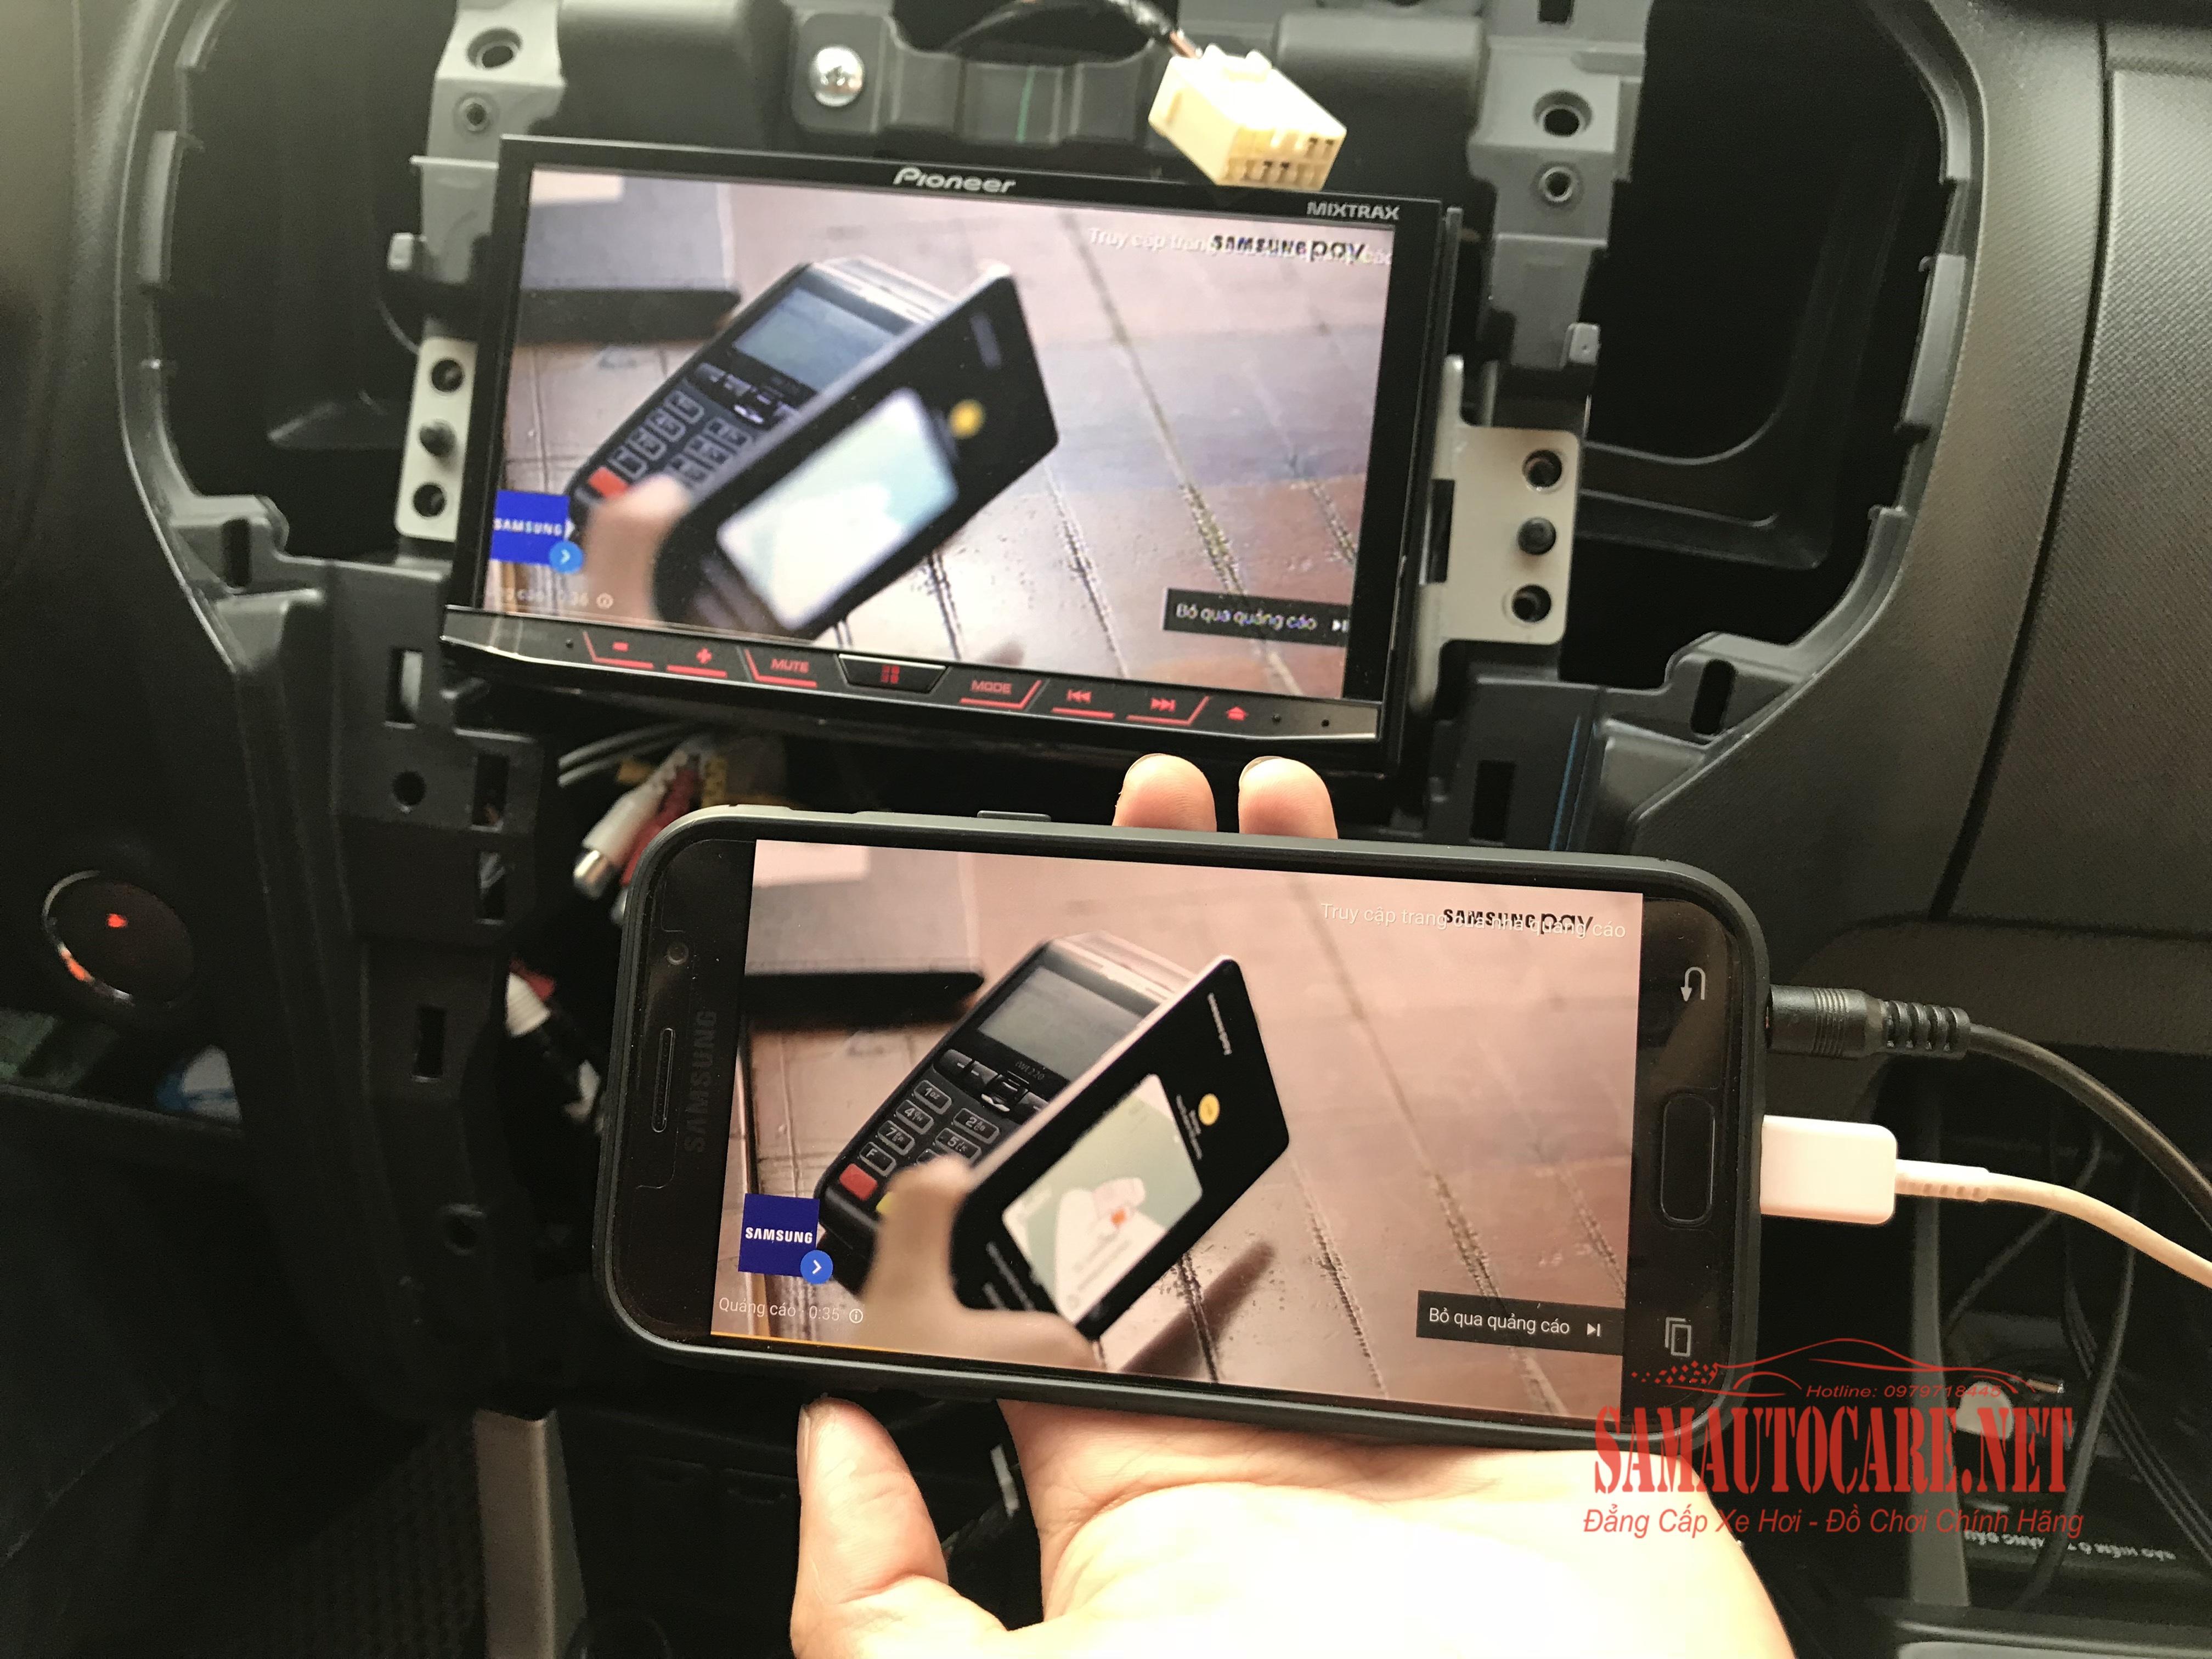 Bộ Chuyển Đổi Tín Hiệu Truyền Smartphone Lên DVD Ô Tô